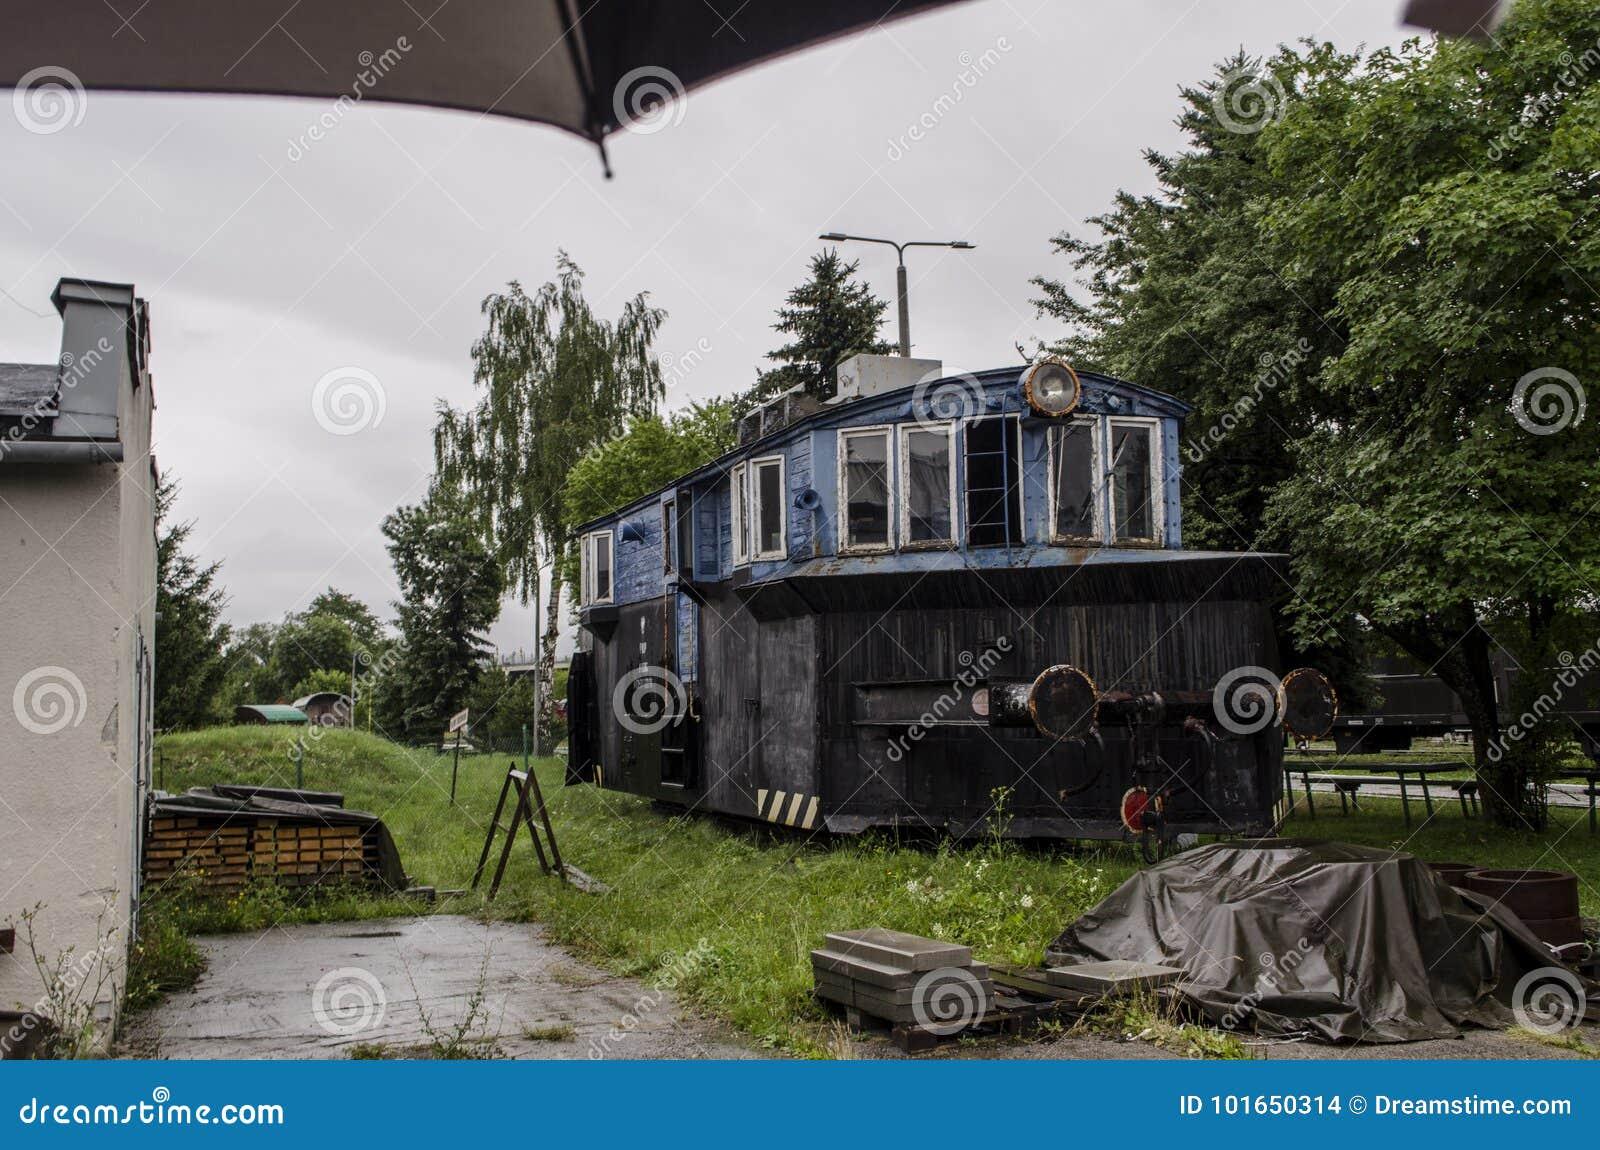 蒸汽机车,铁路